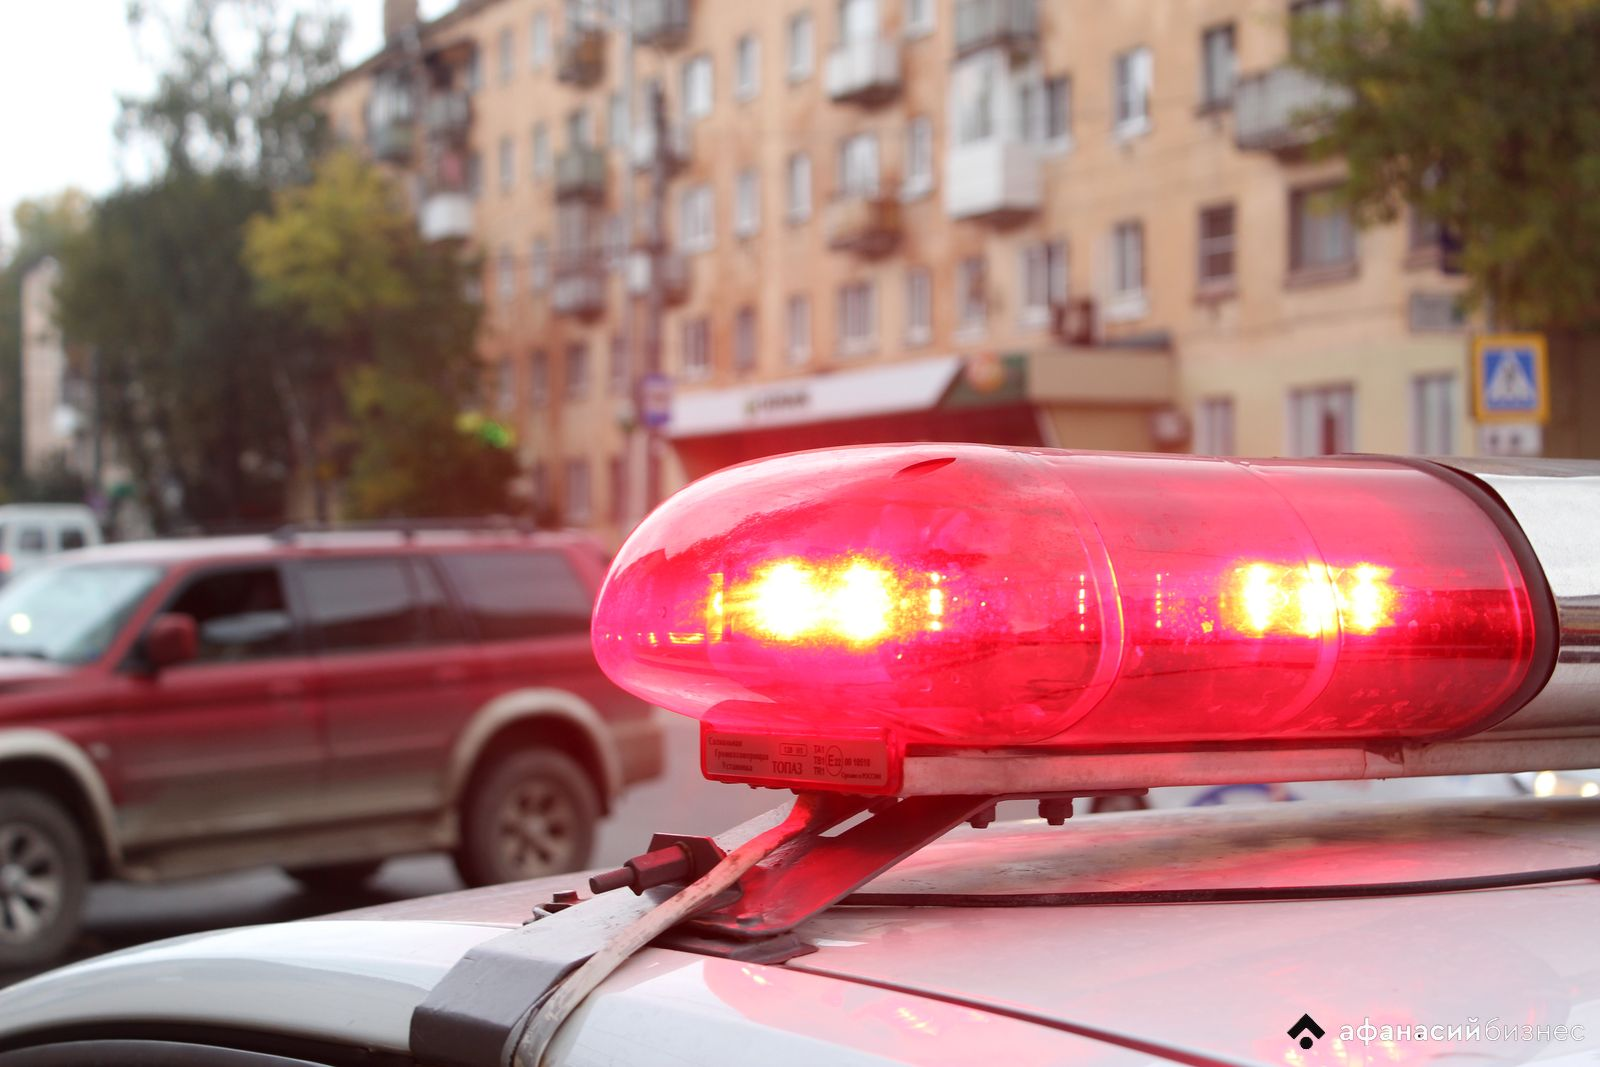 Мотоциклист пострадал в ДТП на Волоколамском проспекте в Твери - новости Афанасий